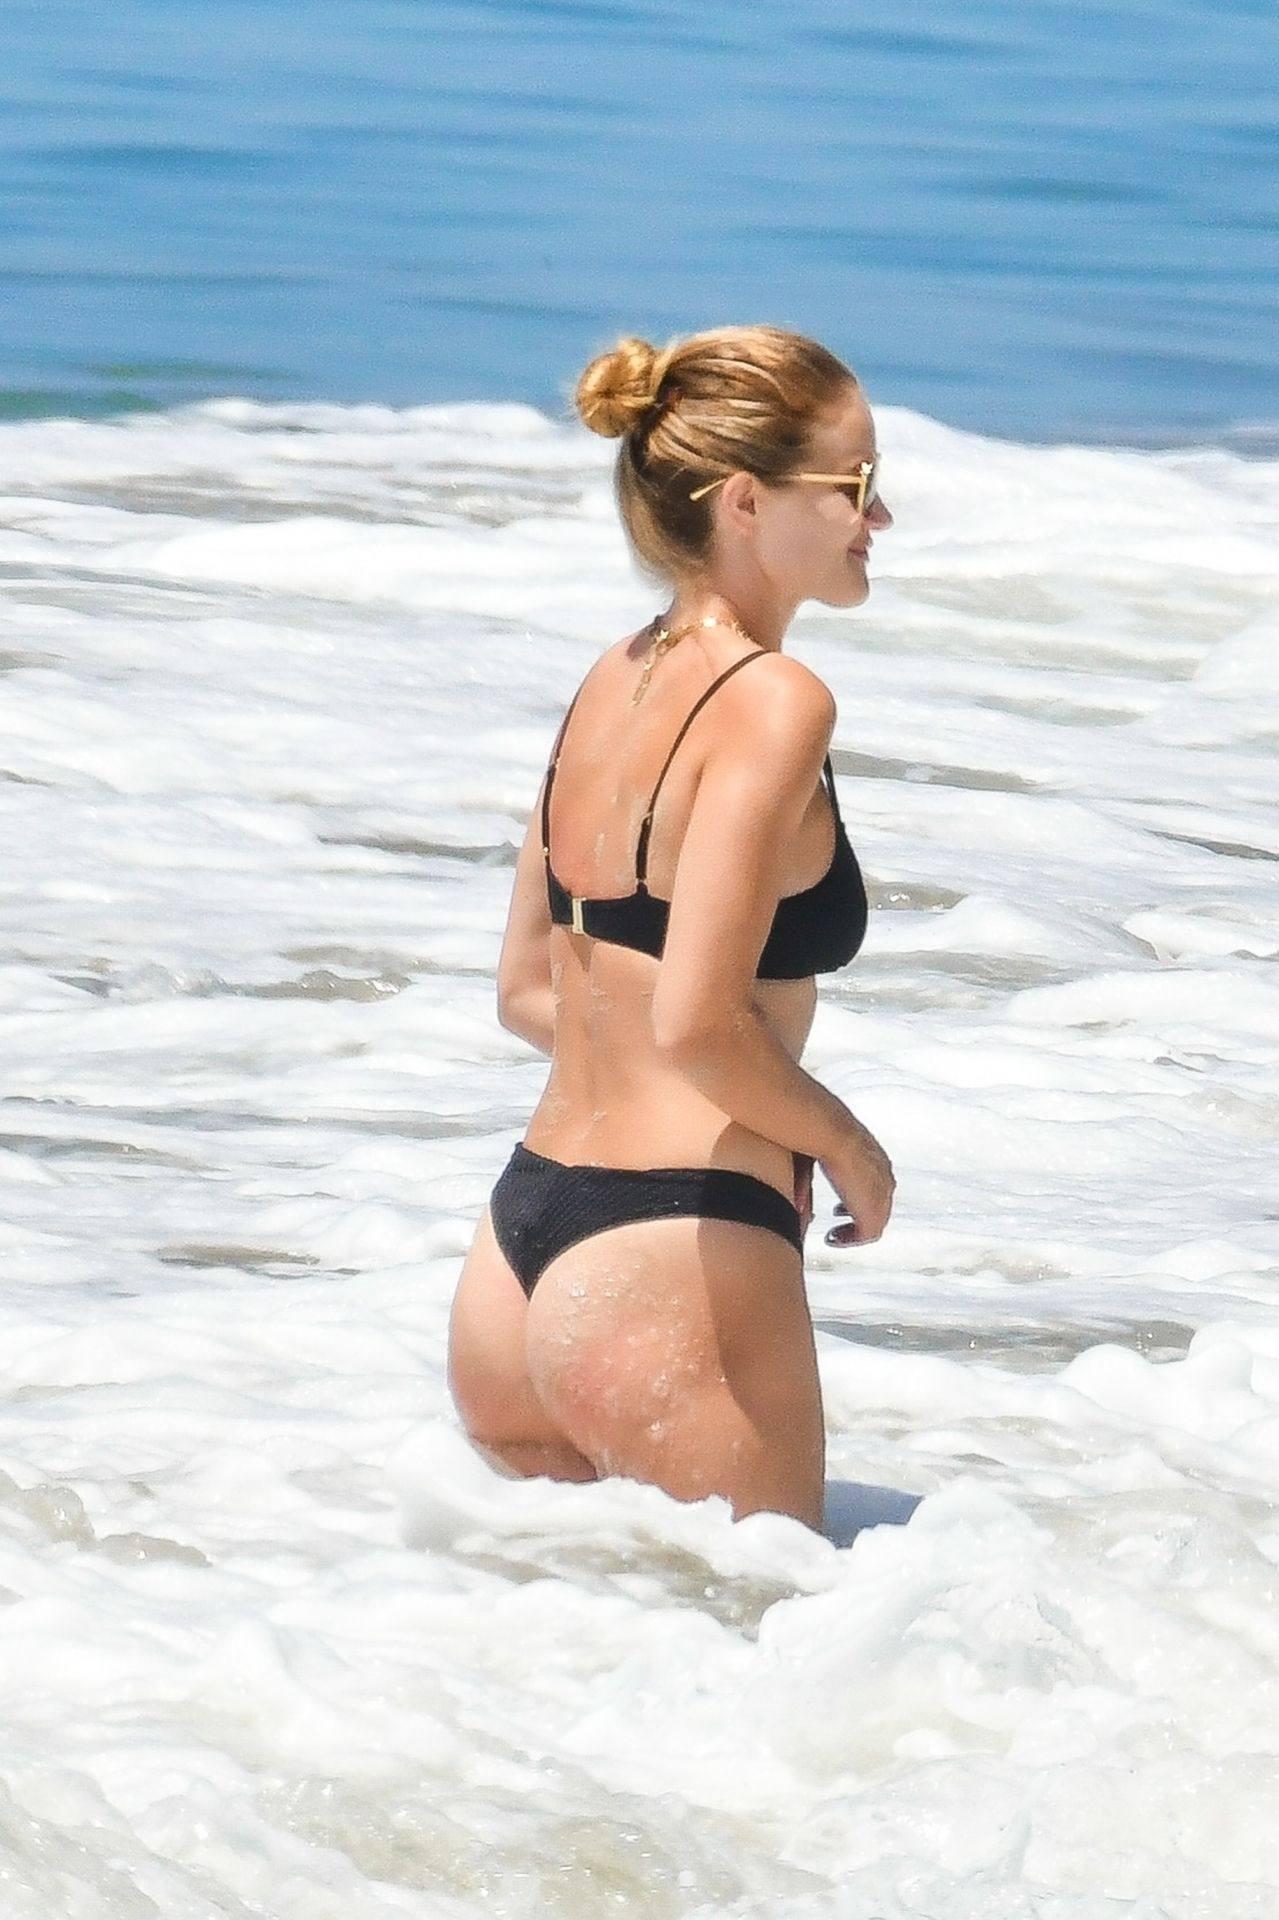 Rosie Huntington Whiteley – Beautiful Ass In Thong Bikini In Malibu 0018